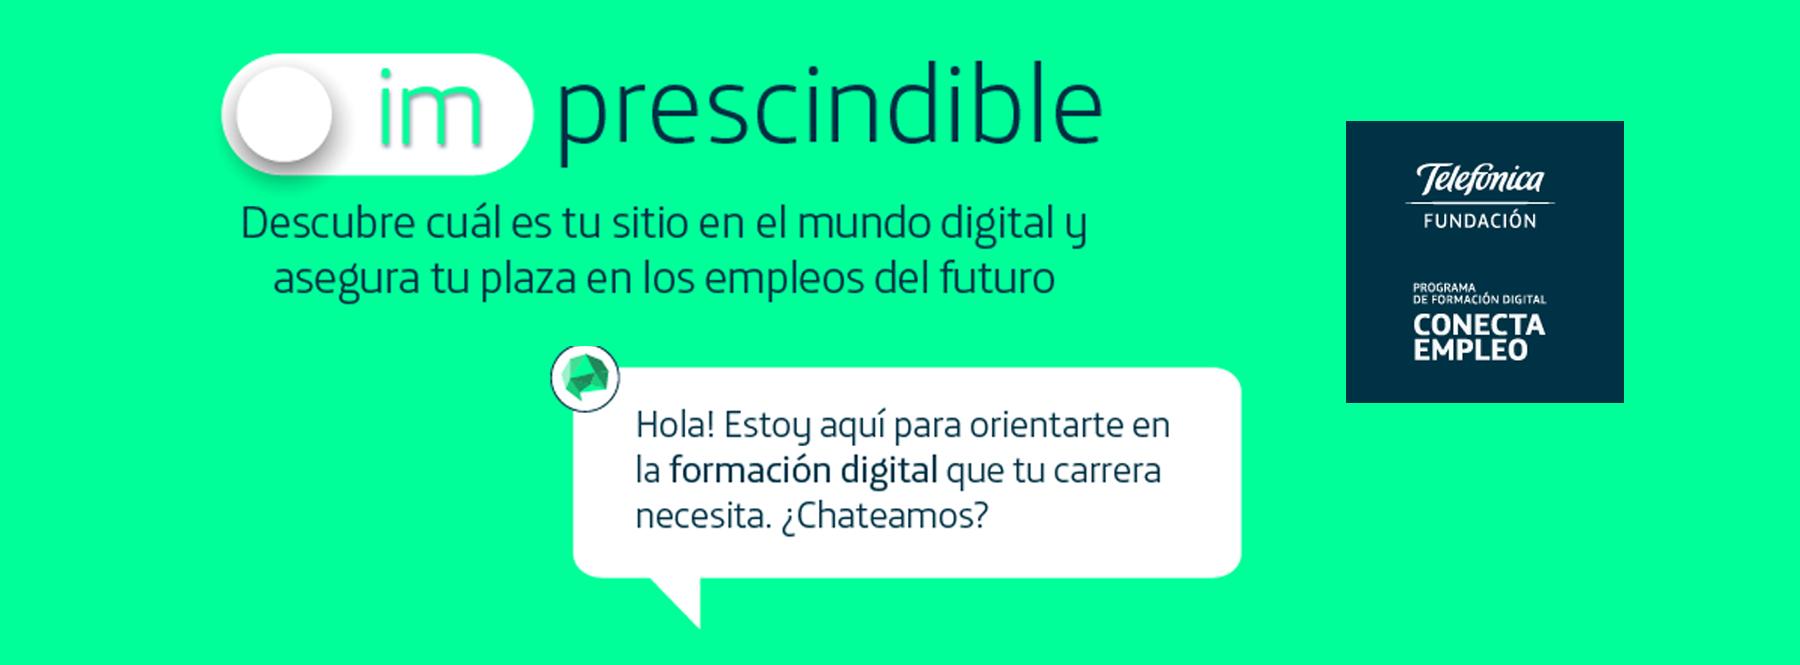 ¿Qué oportunidades de empleo digital hay para ti? Descúbrelo con este chatbot